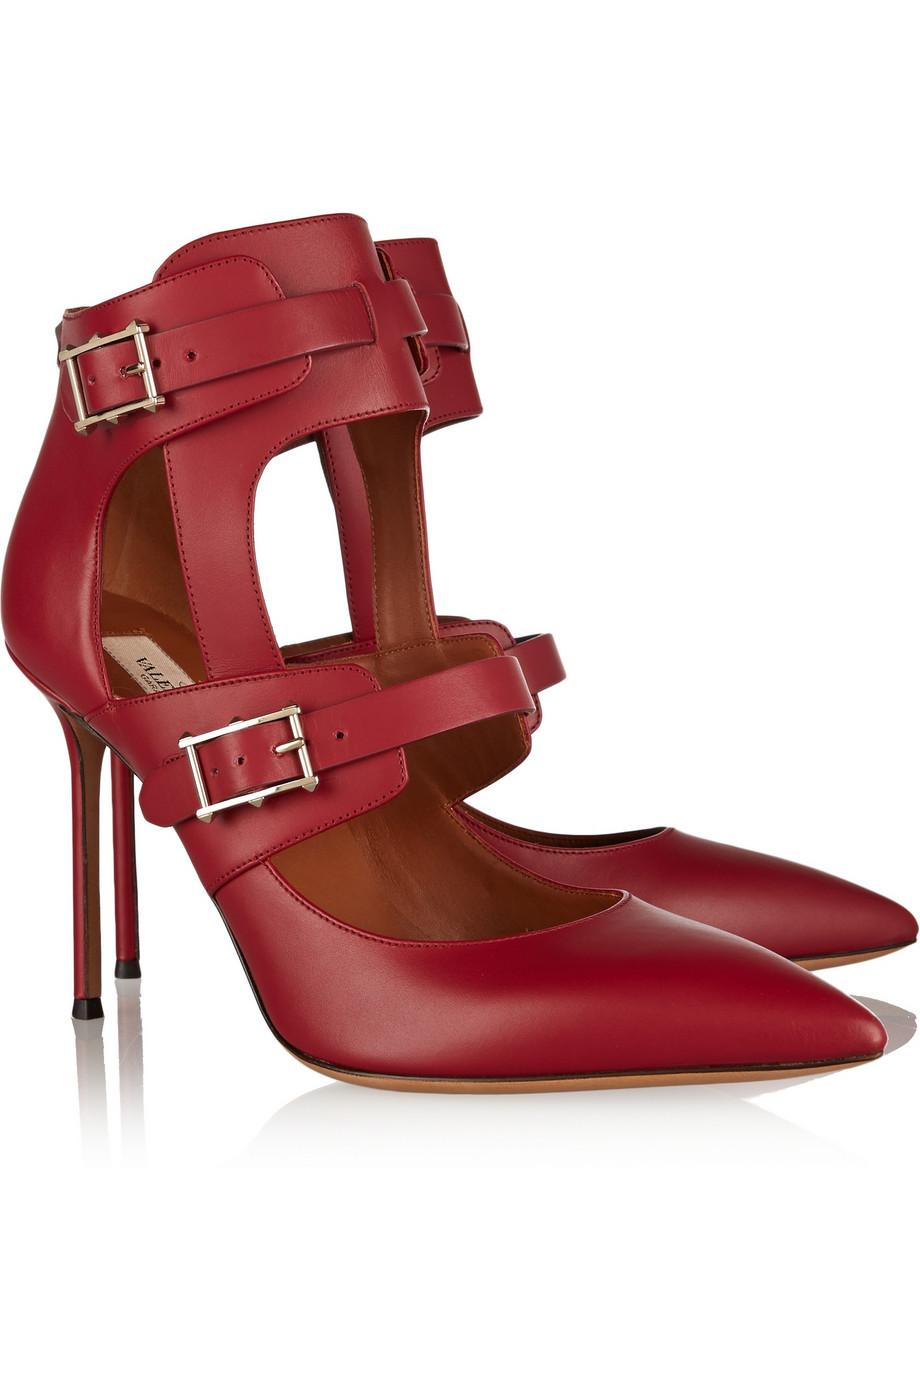 Valentino 10 красных лодочек для Дня святого Валентина